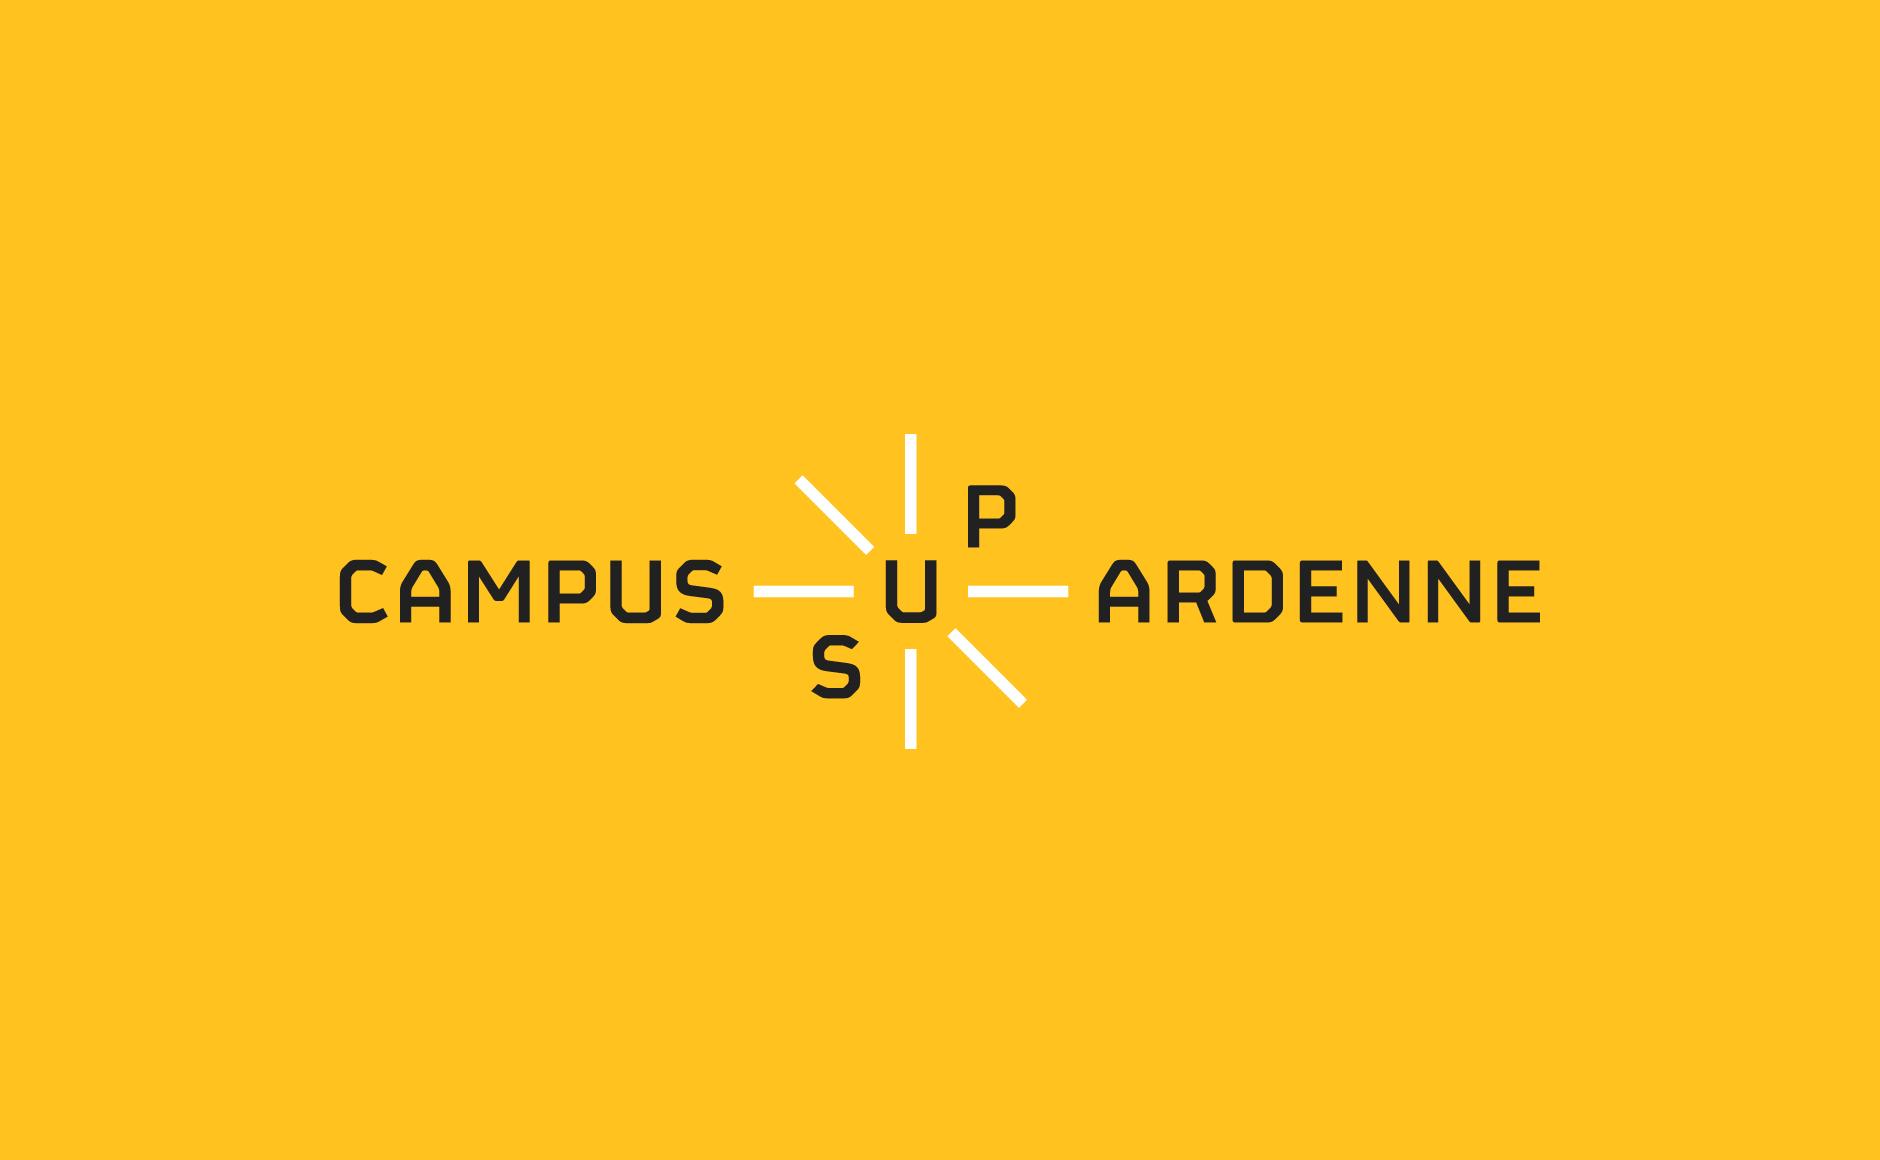 logo campus sup ardenne jaune